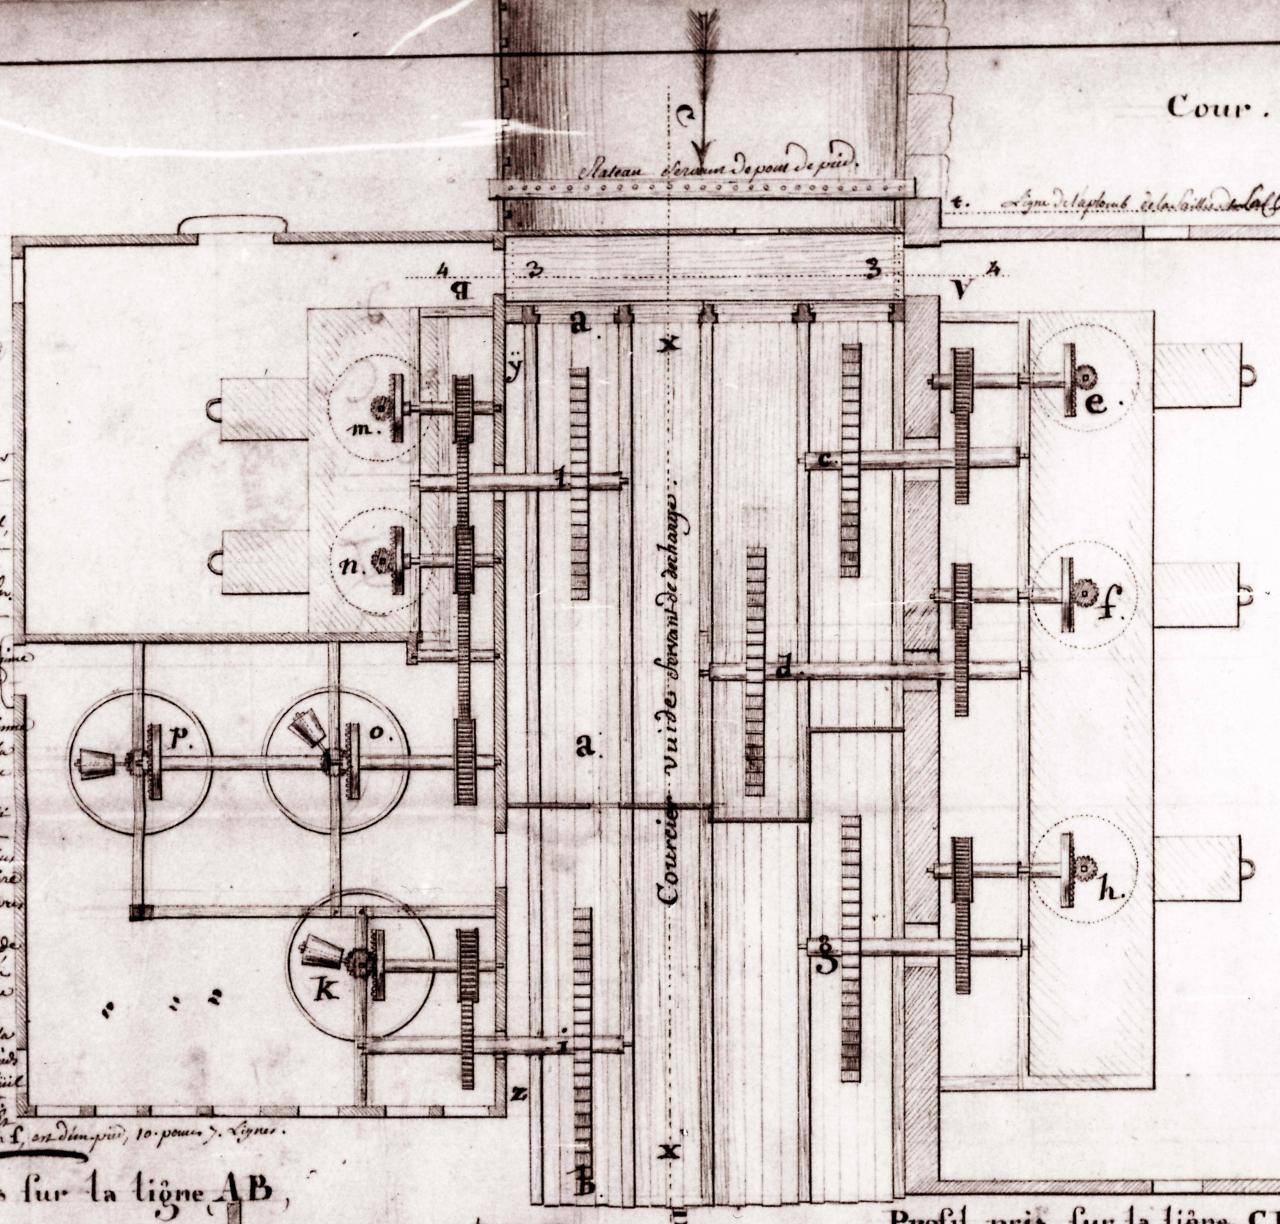 Le moulin de plobsheim for Plan de moulins